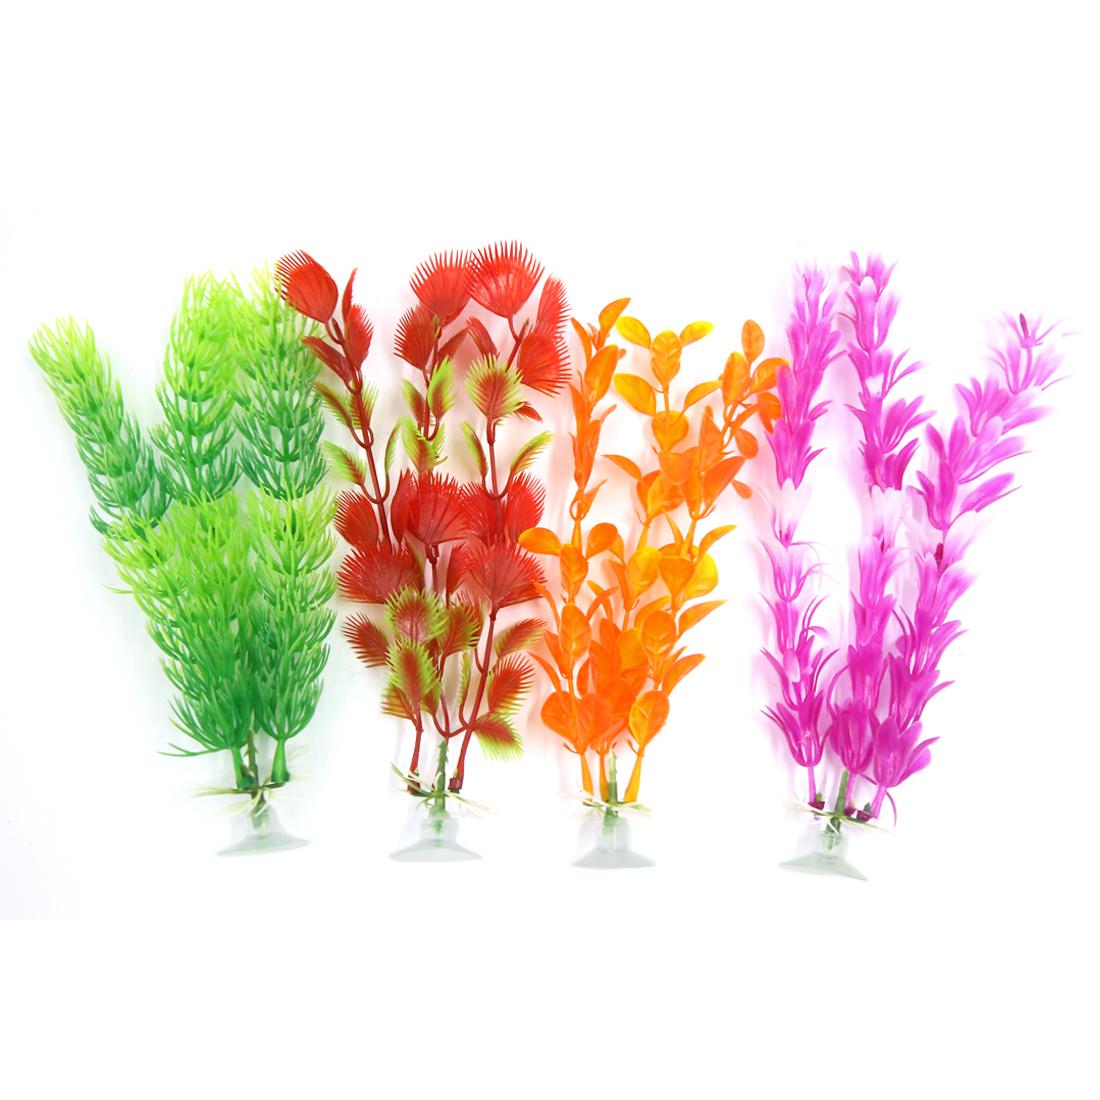 4 Pcs Aquarium Fish Ornament Plastic Decoration Plant With Suction Cup